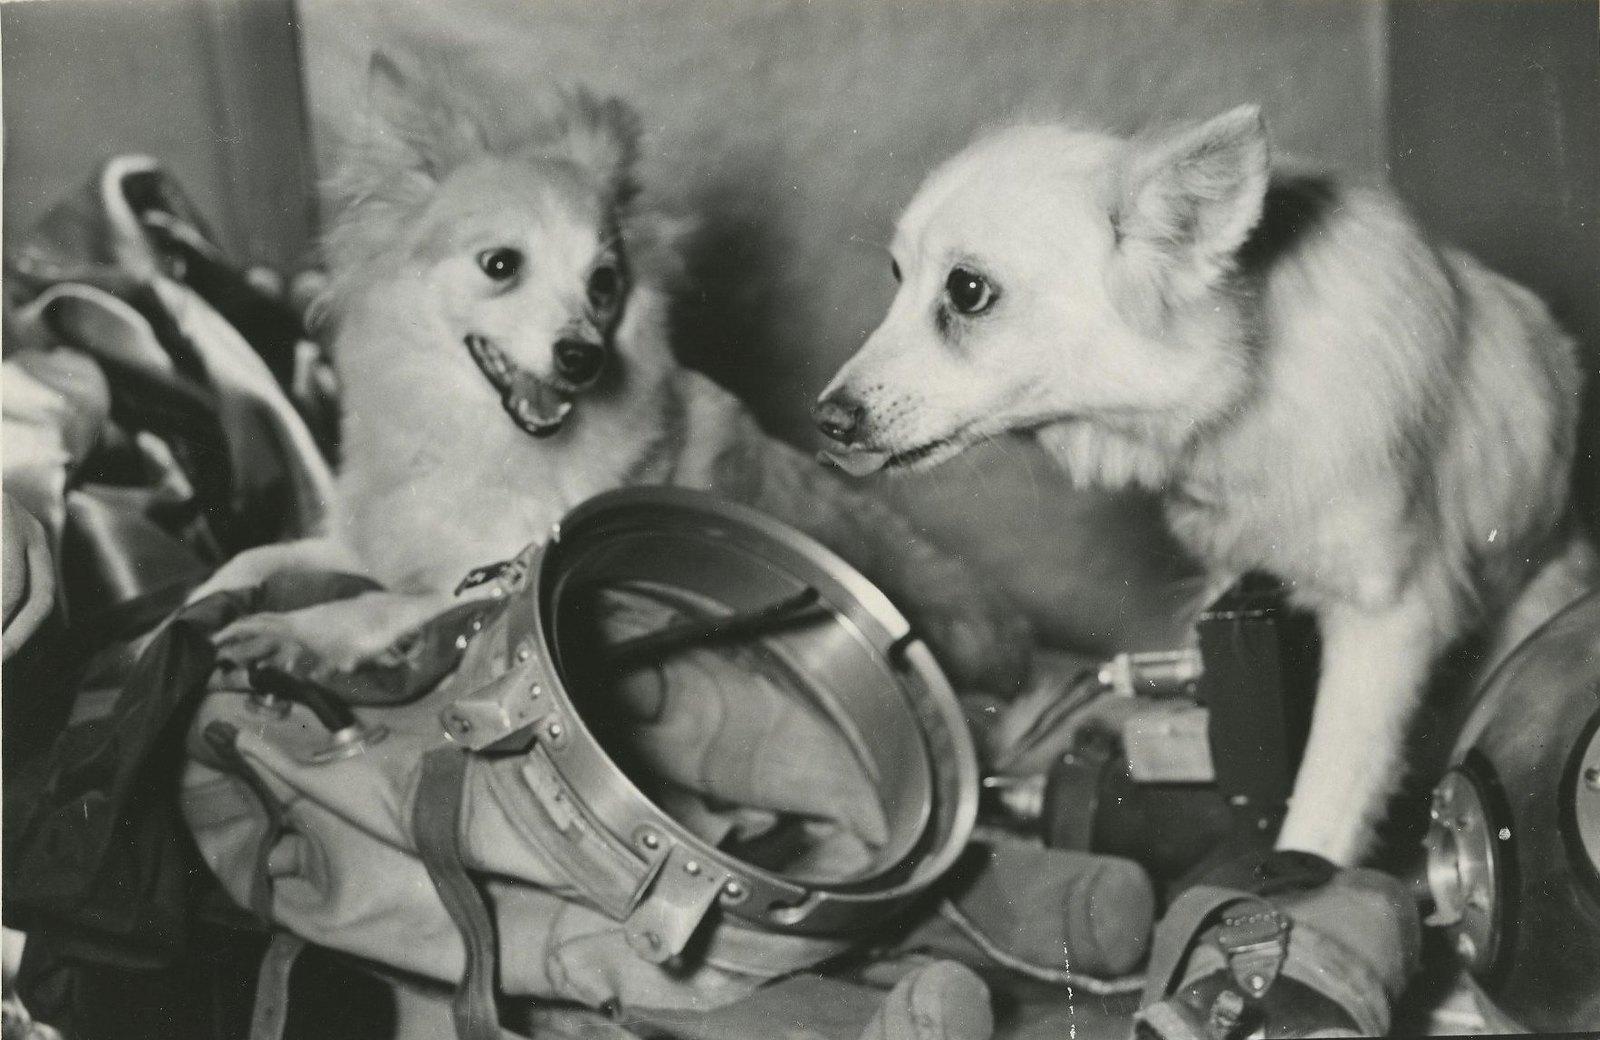 1959. Разведчики космоса. Ветераны космических полетов собаки Козявка и Отважная